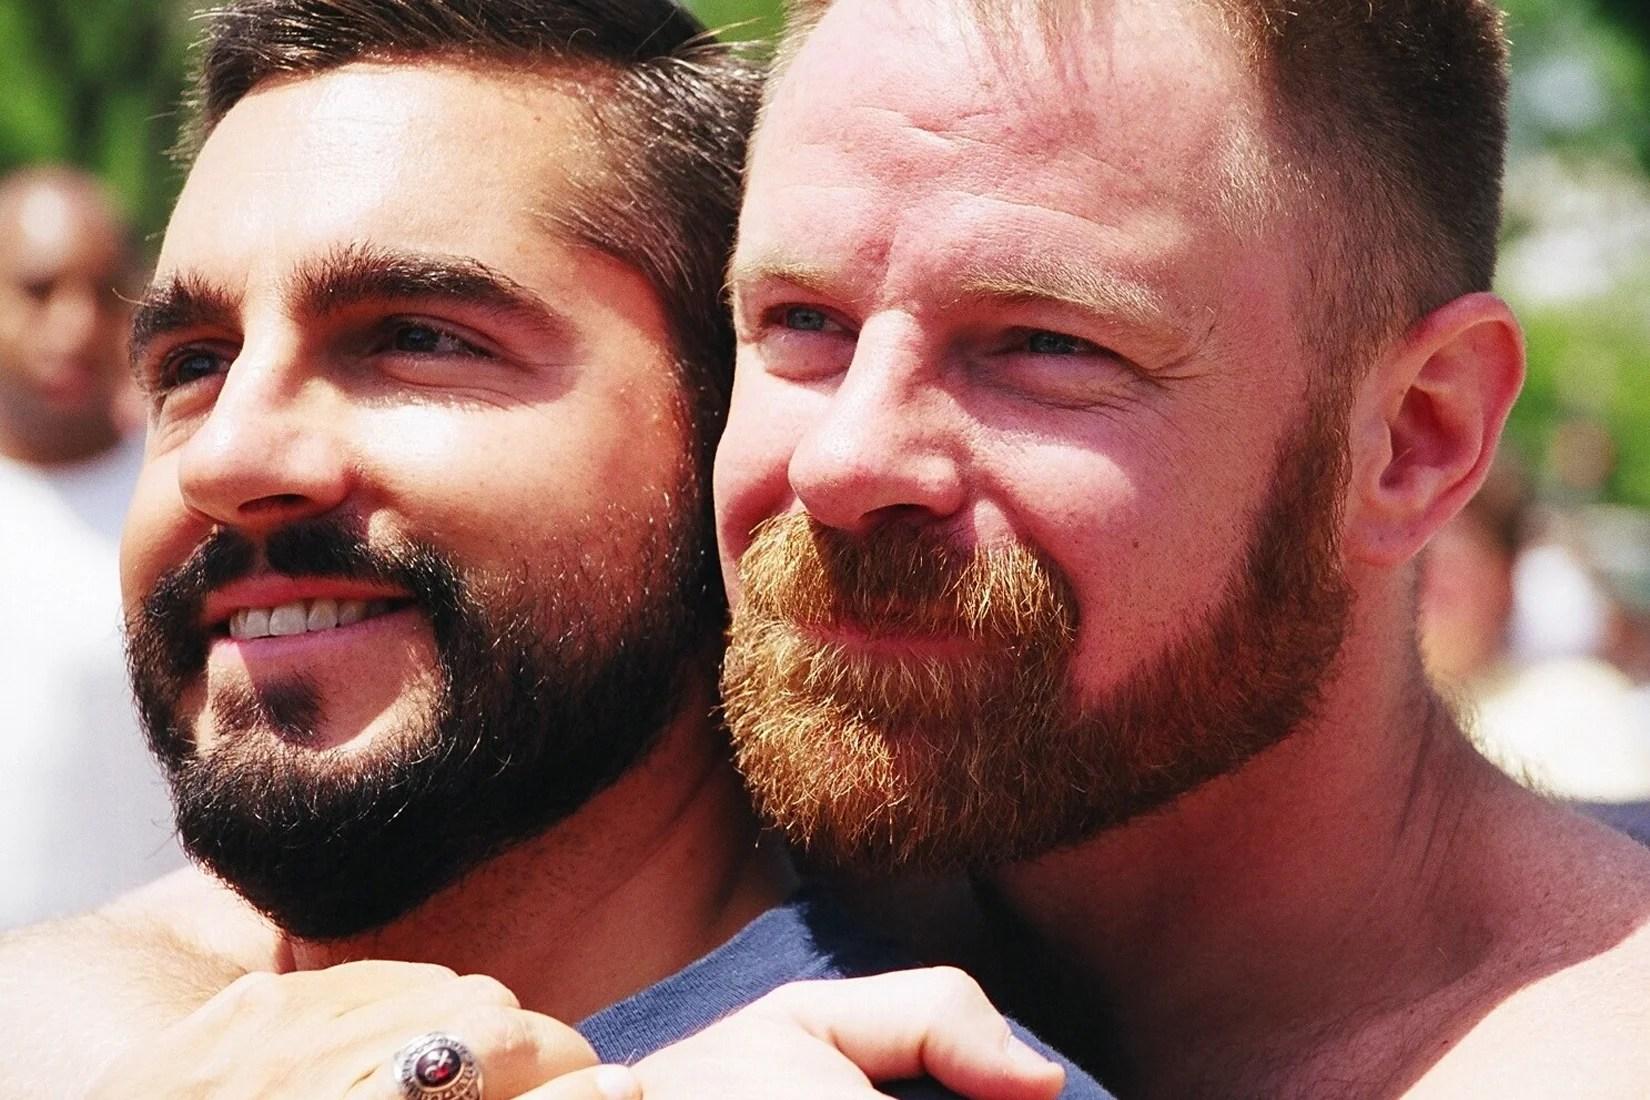 Bearding gay